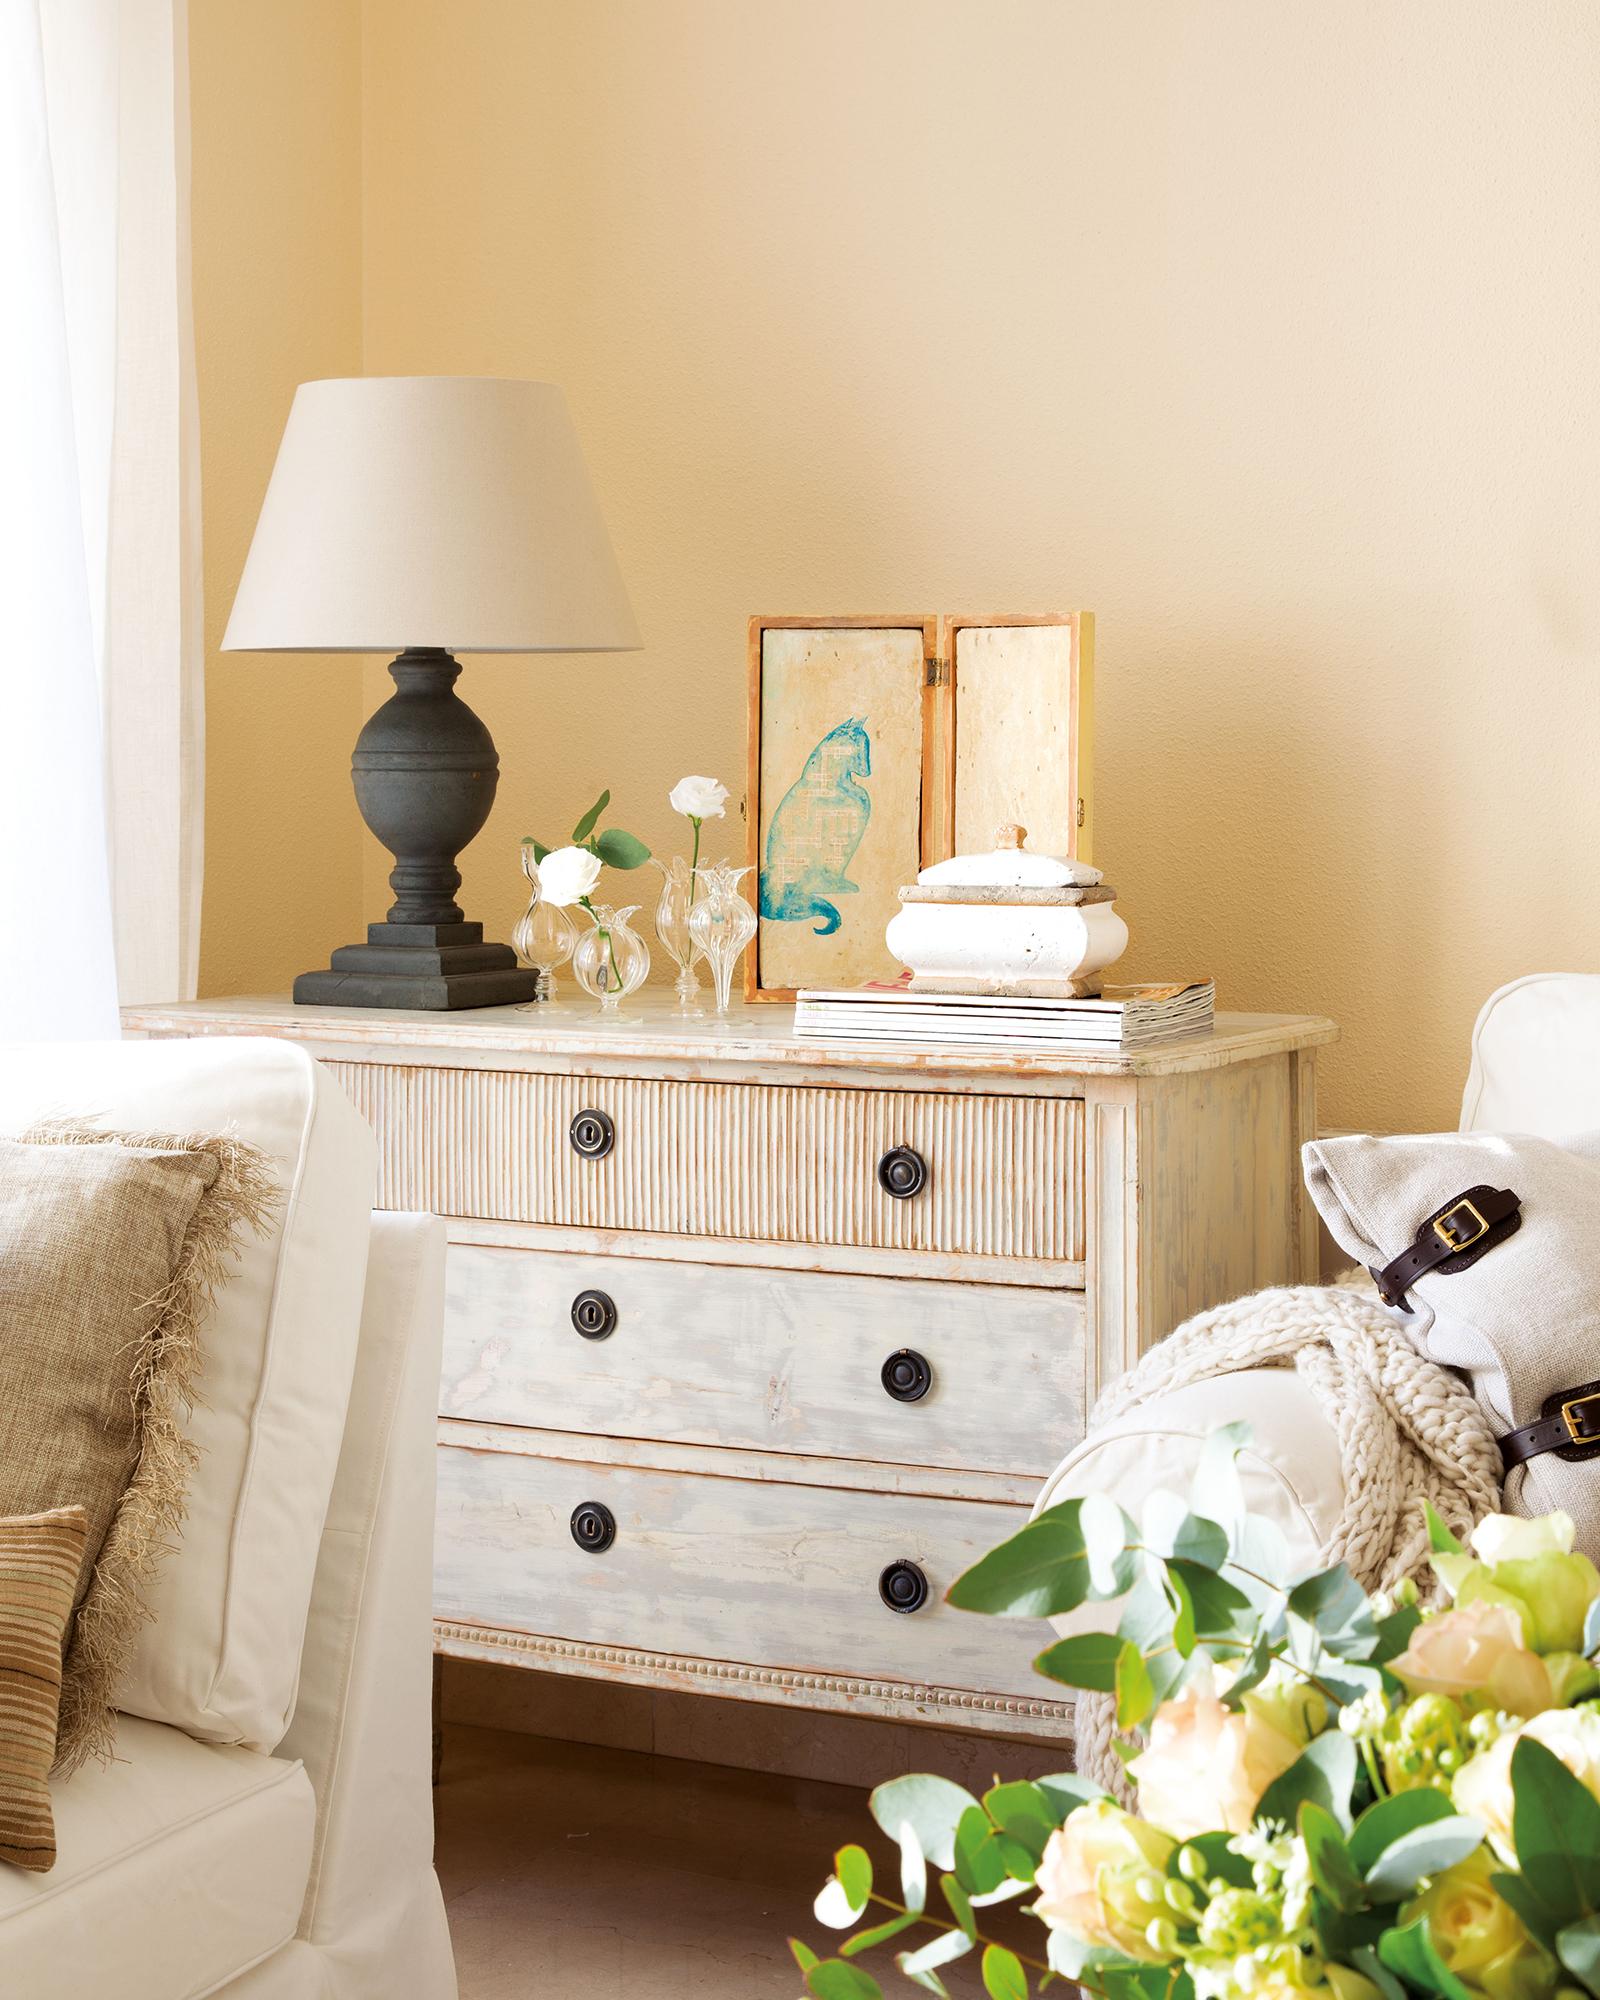 C modas 9 ideas para decorarlas - Pegatinas para decorar muebles ...